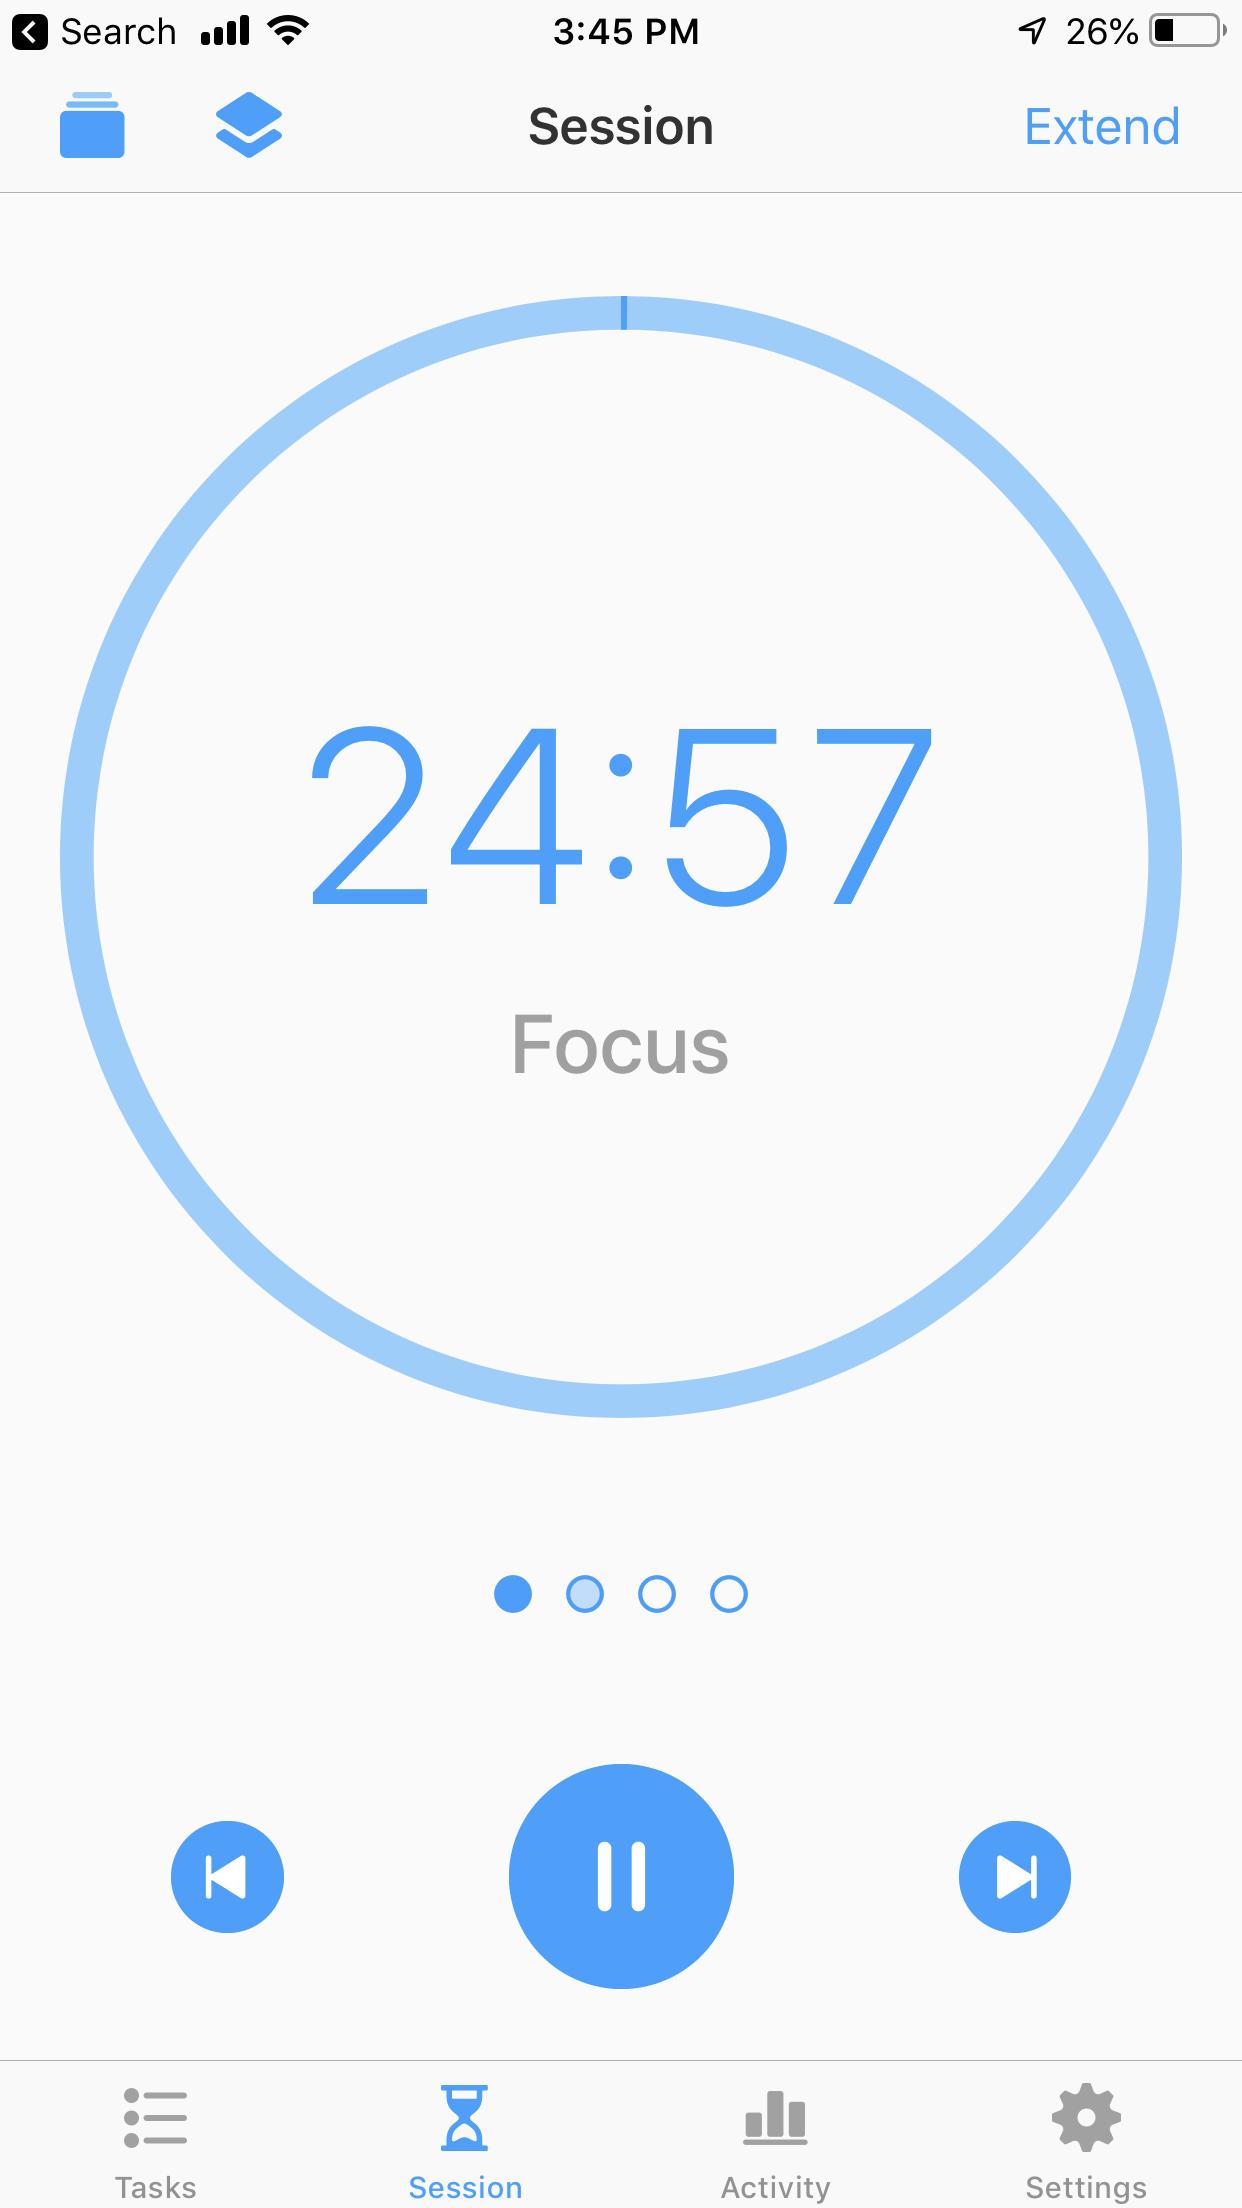 Focus Session